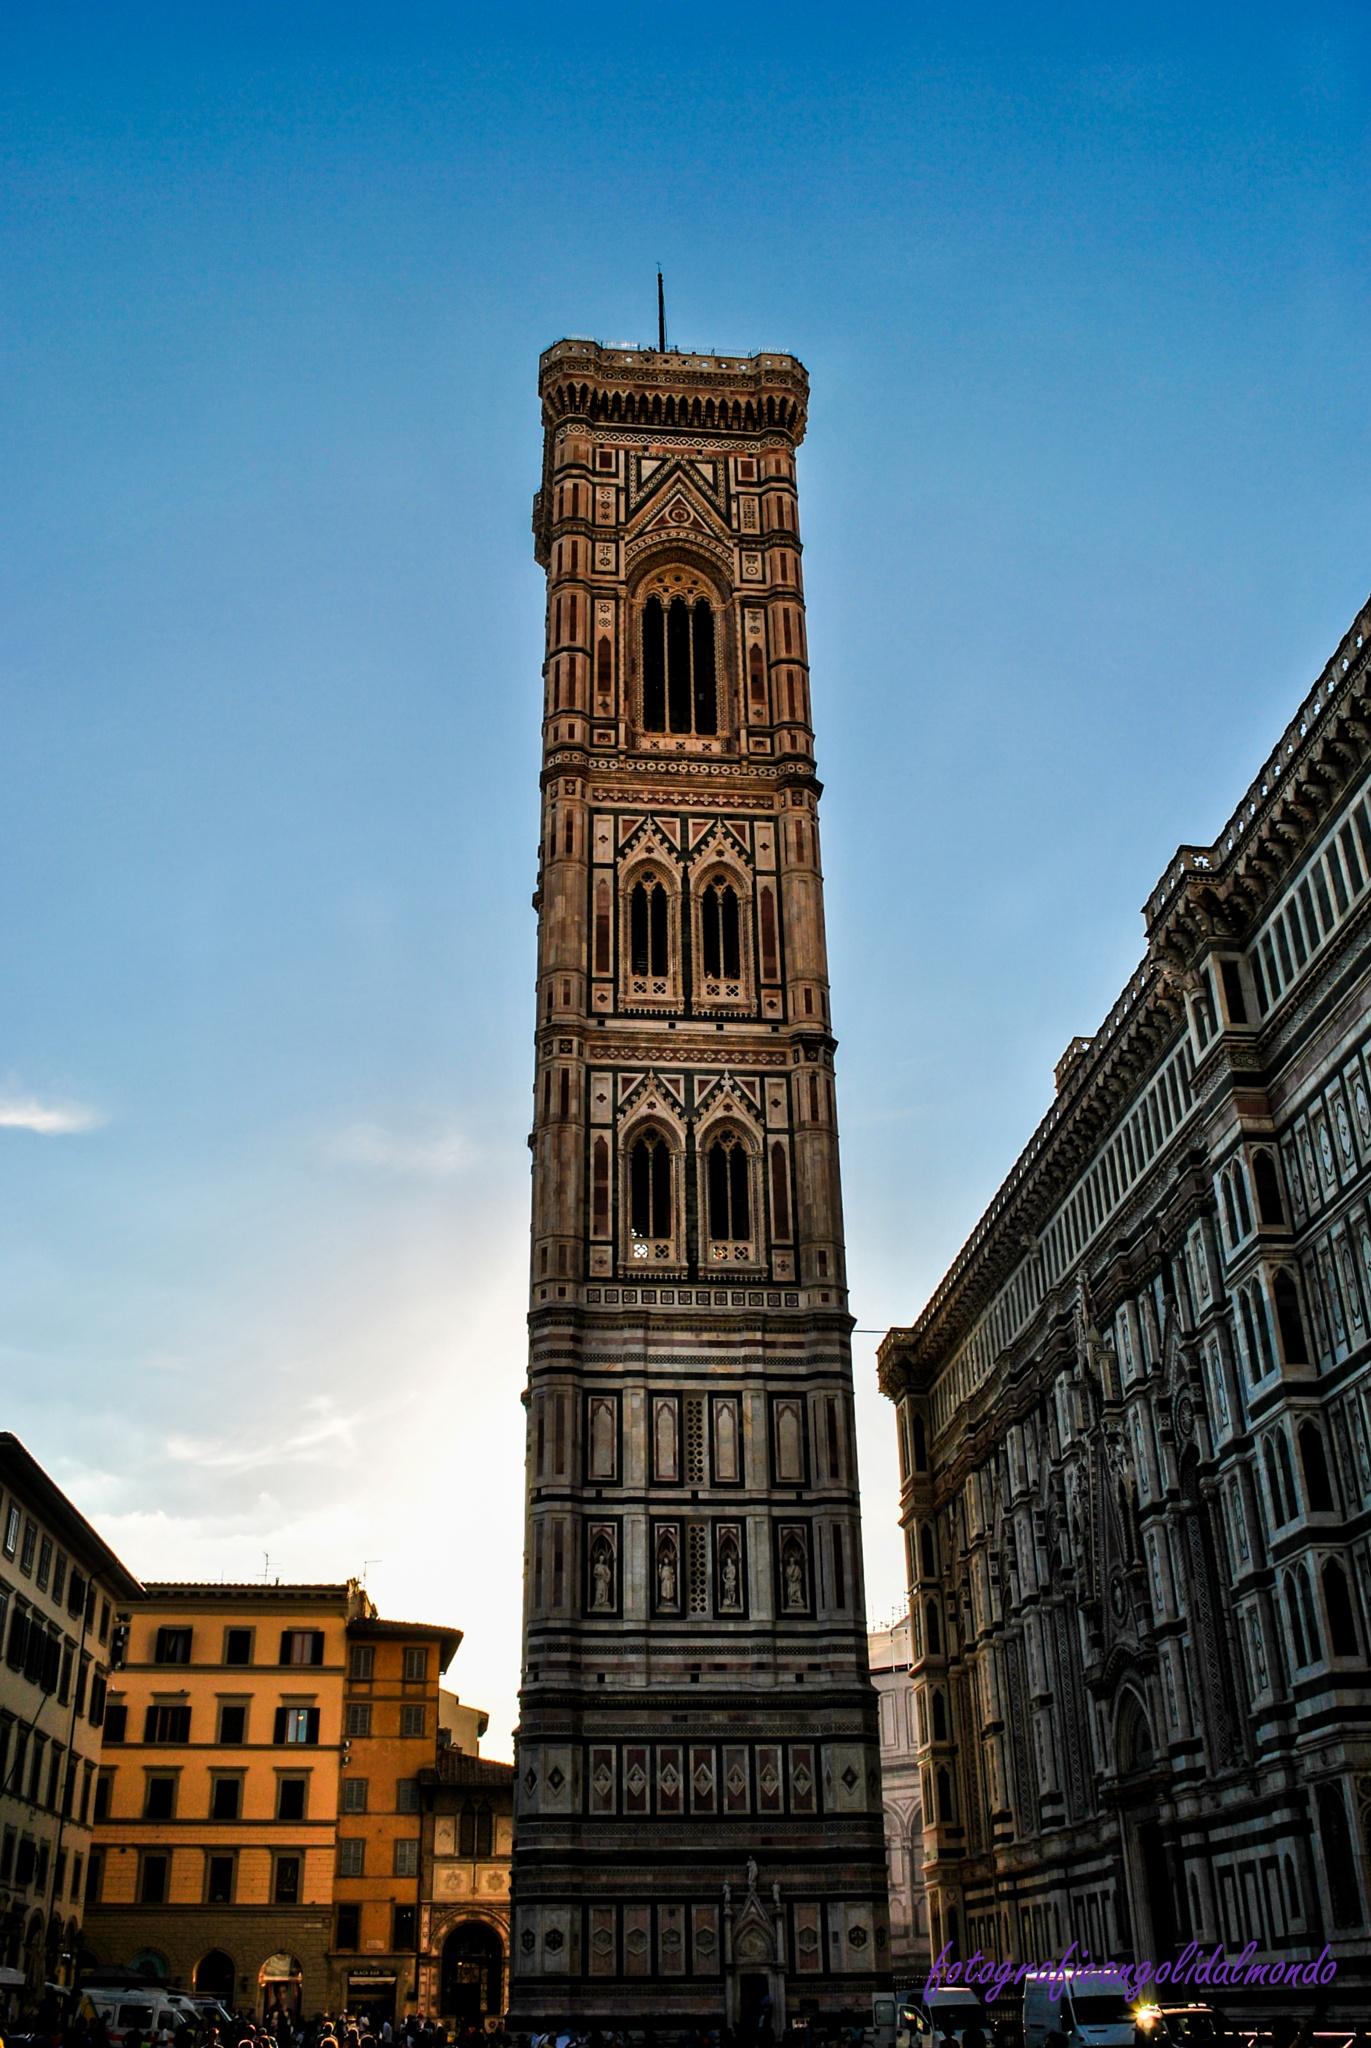 Campanile di Giotto by perpaulo40